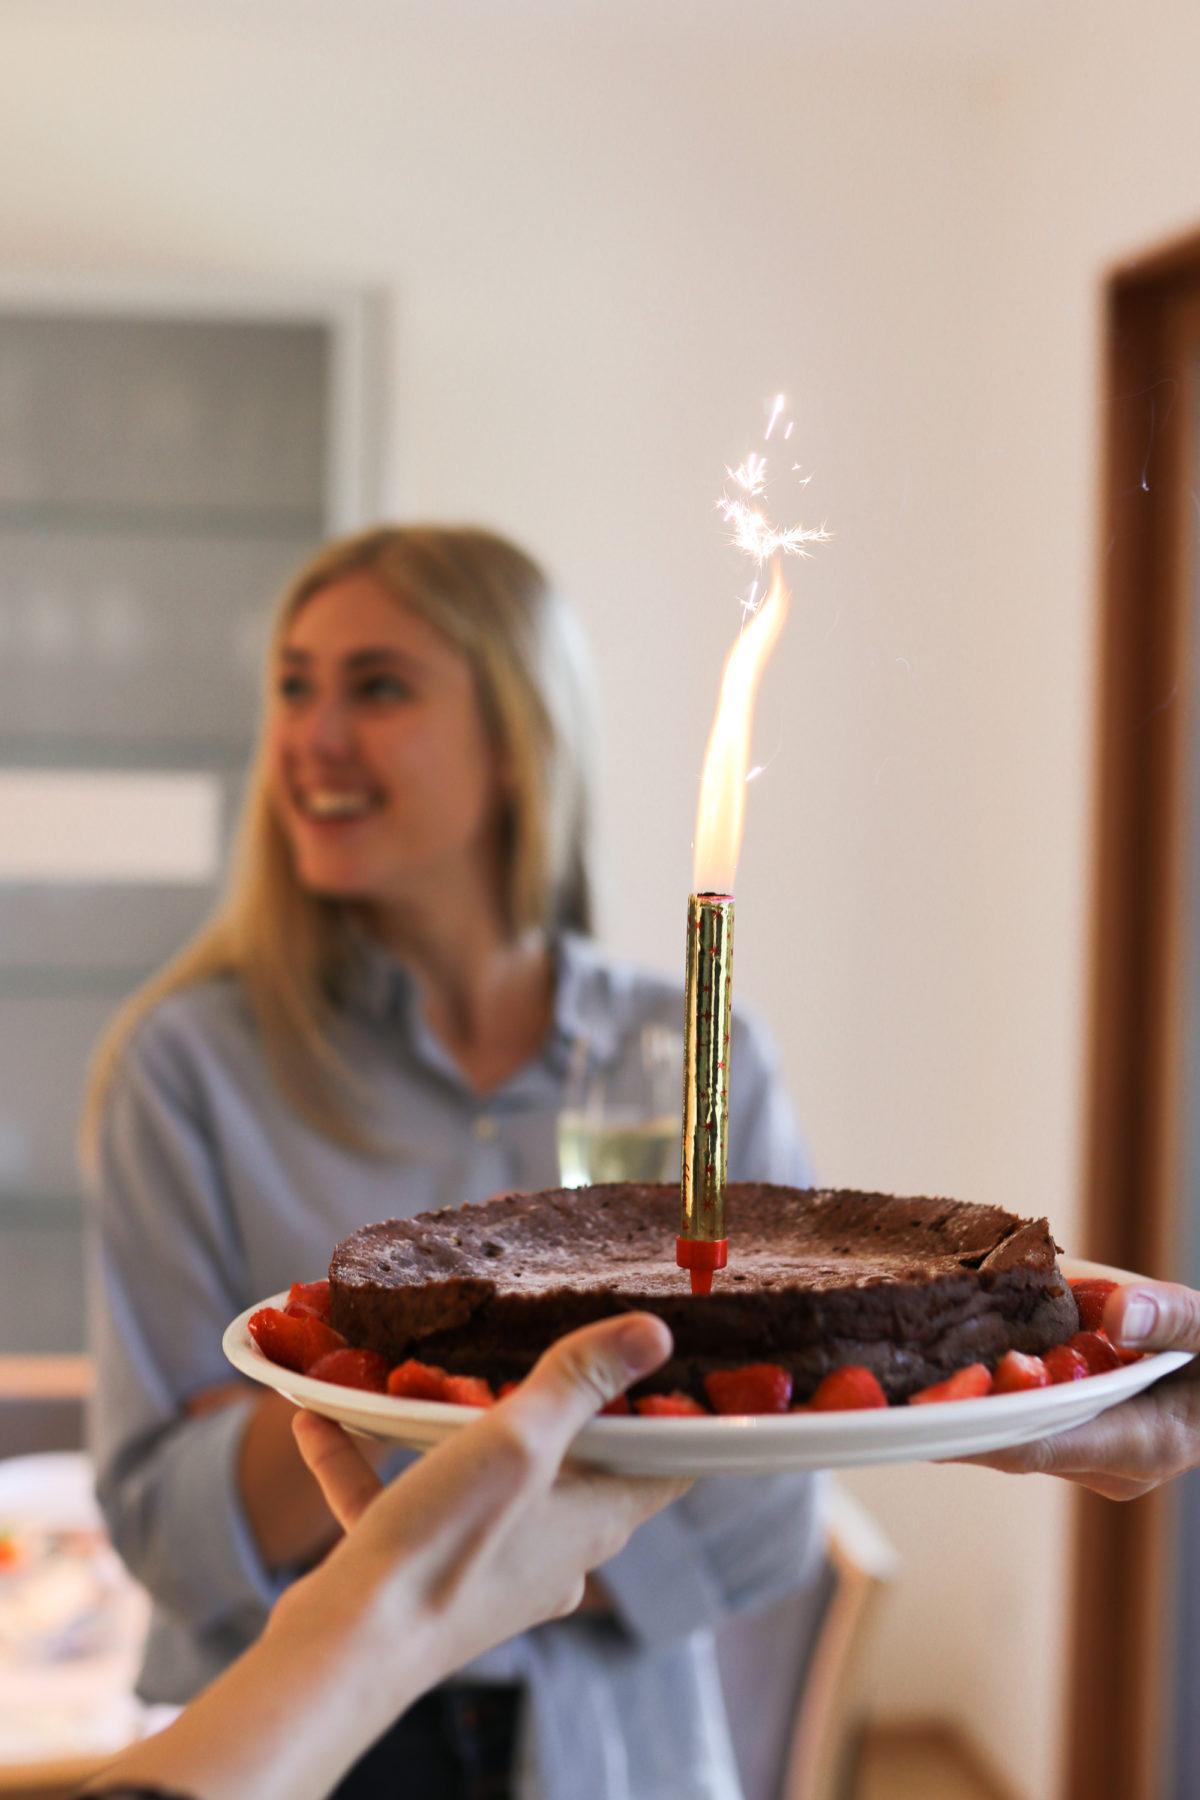 Monday Mornings #23: Birthday Weekend auf dem österreichischen Lifestyle Blog Bits and Bobs by Eva. Mehr Persönliches auf www.bitsandbobsbyeva.com